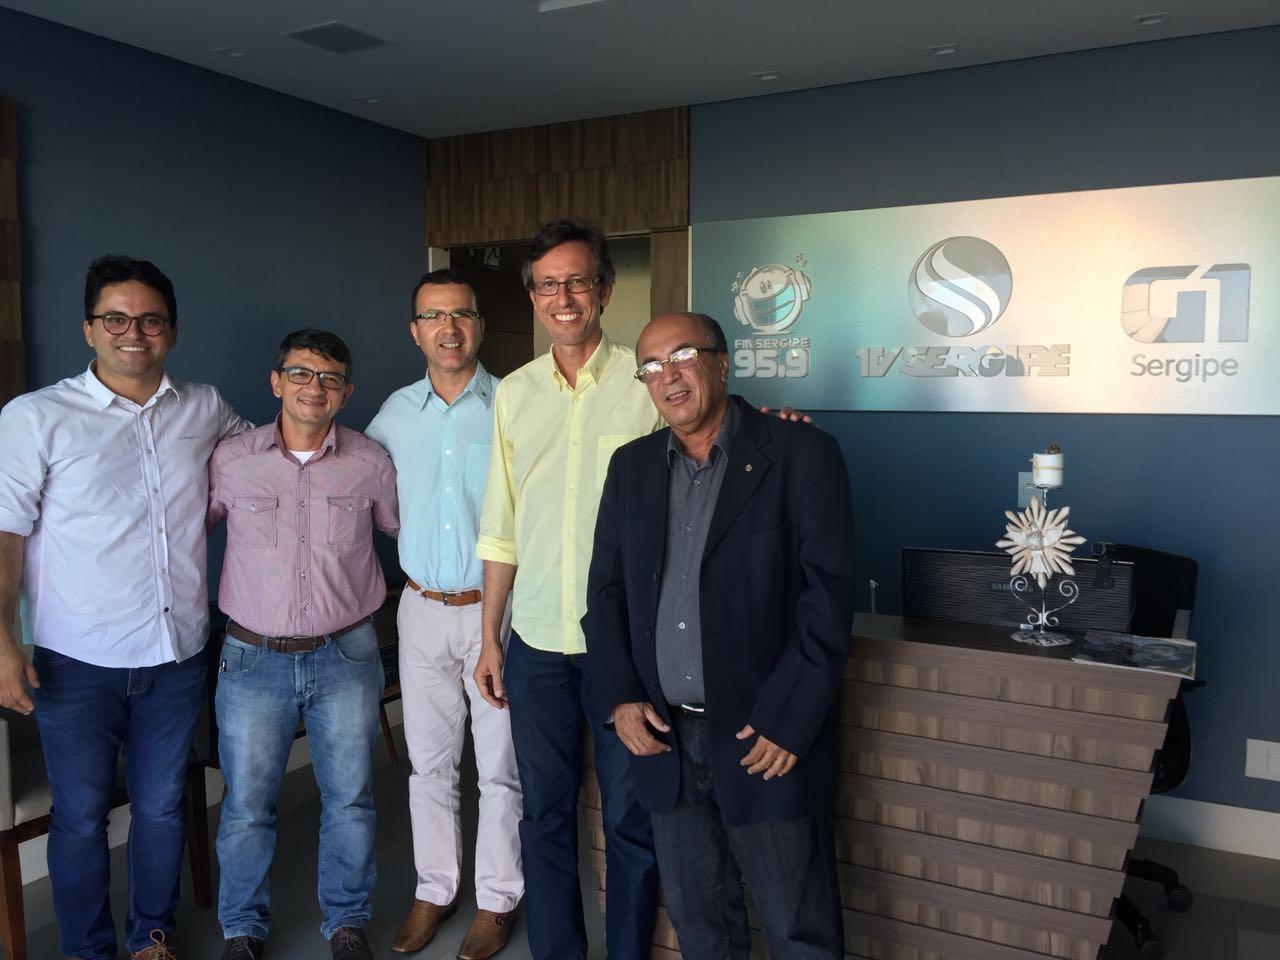 ROTARY CLUBE DE ARACAJU E DE SIMÃO DIAS FAZEM PARCERIA COM O FORROZÃO DA TV E FM SERGIPE